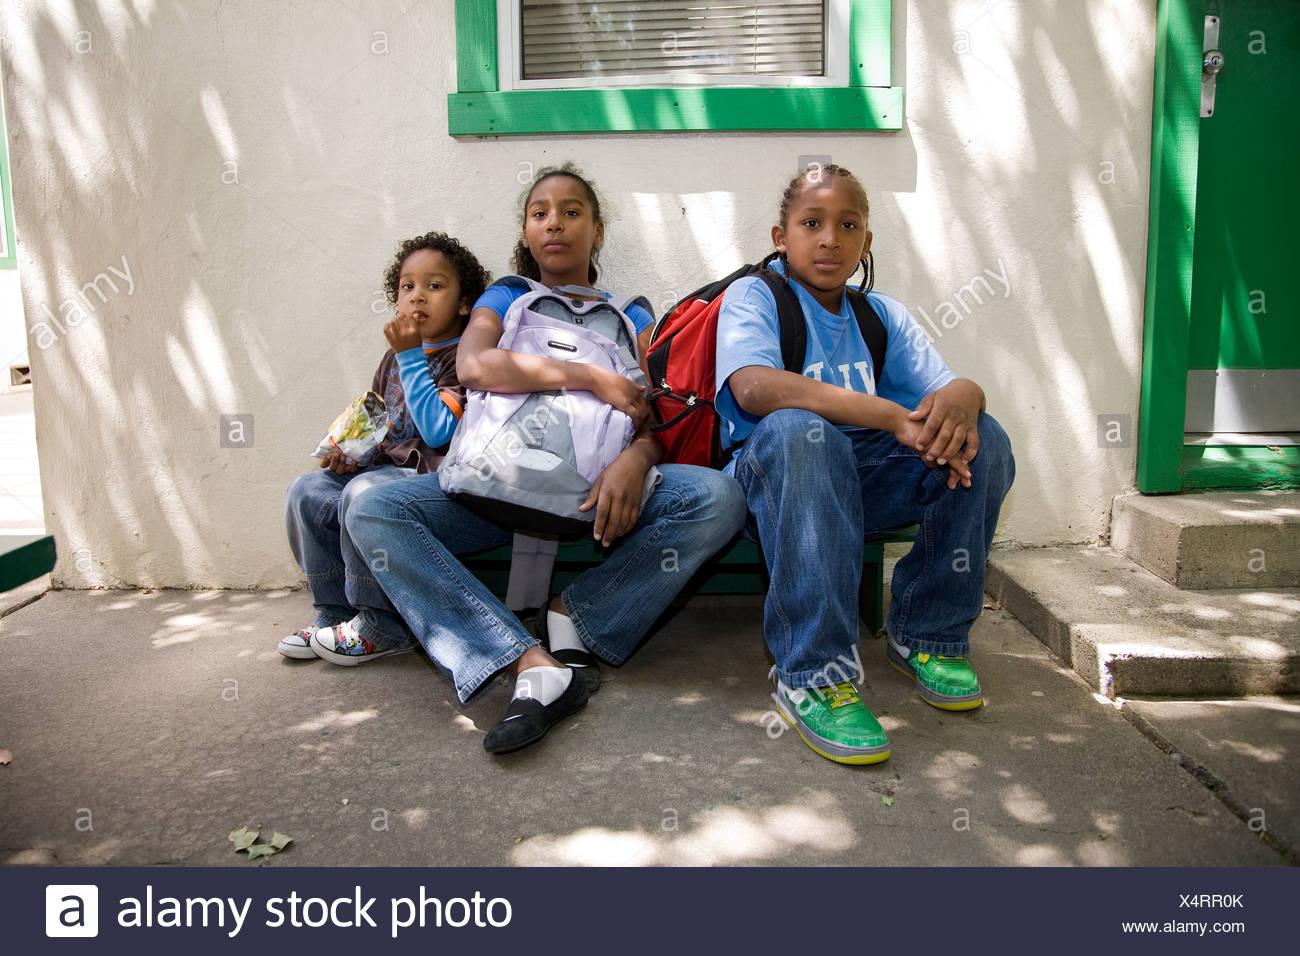 Selena Pina, una madre de cuatro niños sin hogar, con sus hijos en la escuela la semilla de mostaza en los panes y los peces en Sacramento, CA. Foto de stock